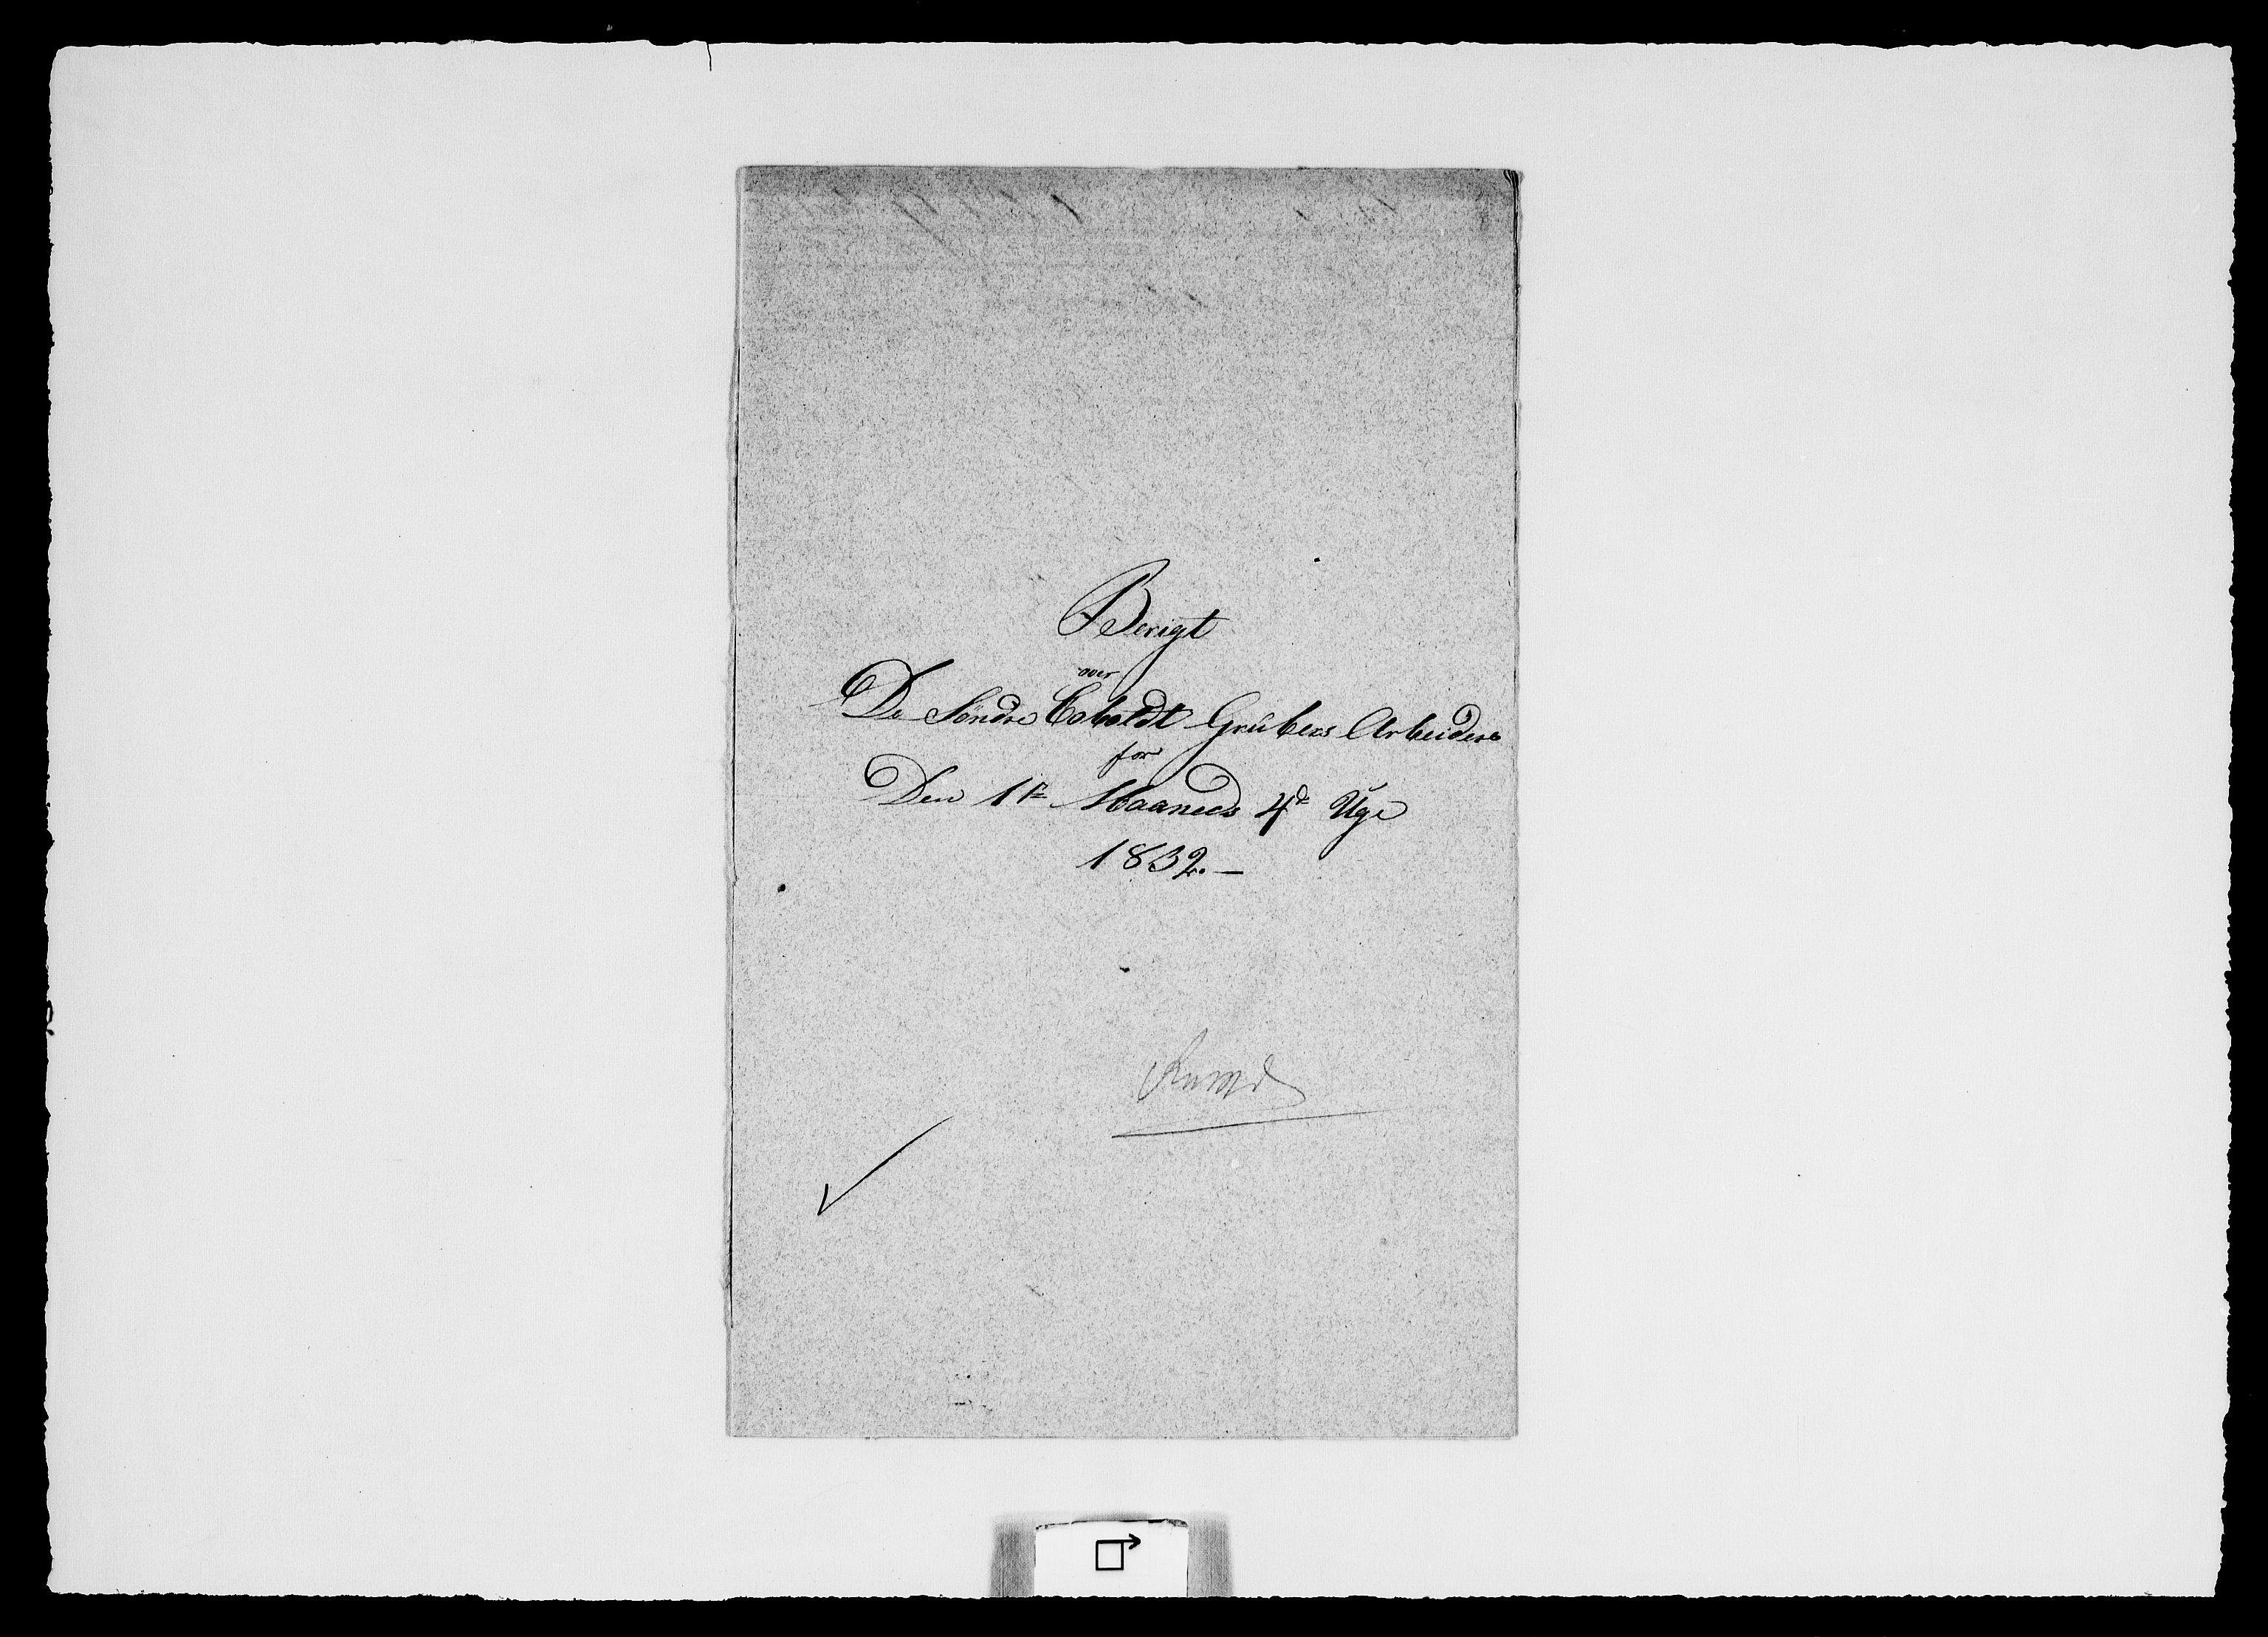 RA, Modums Blaafarveværk, G/Ge/L0340, 1832, s. 2